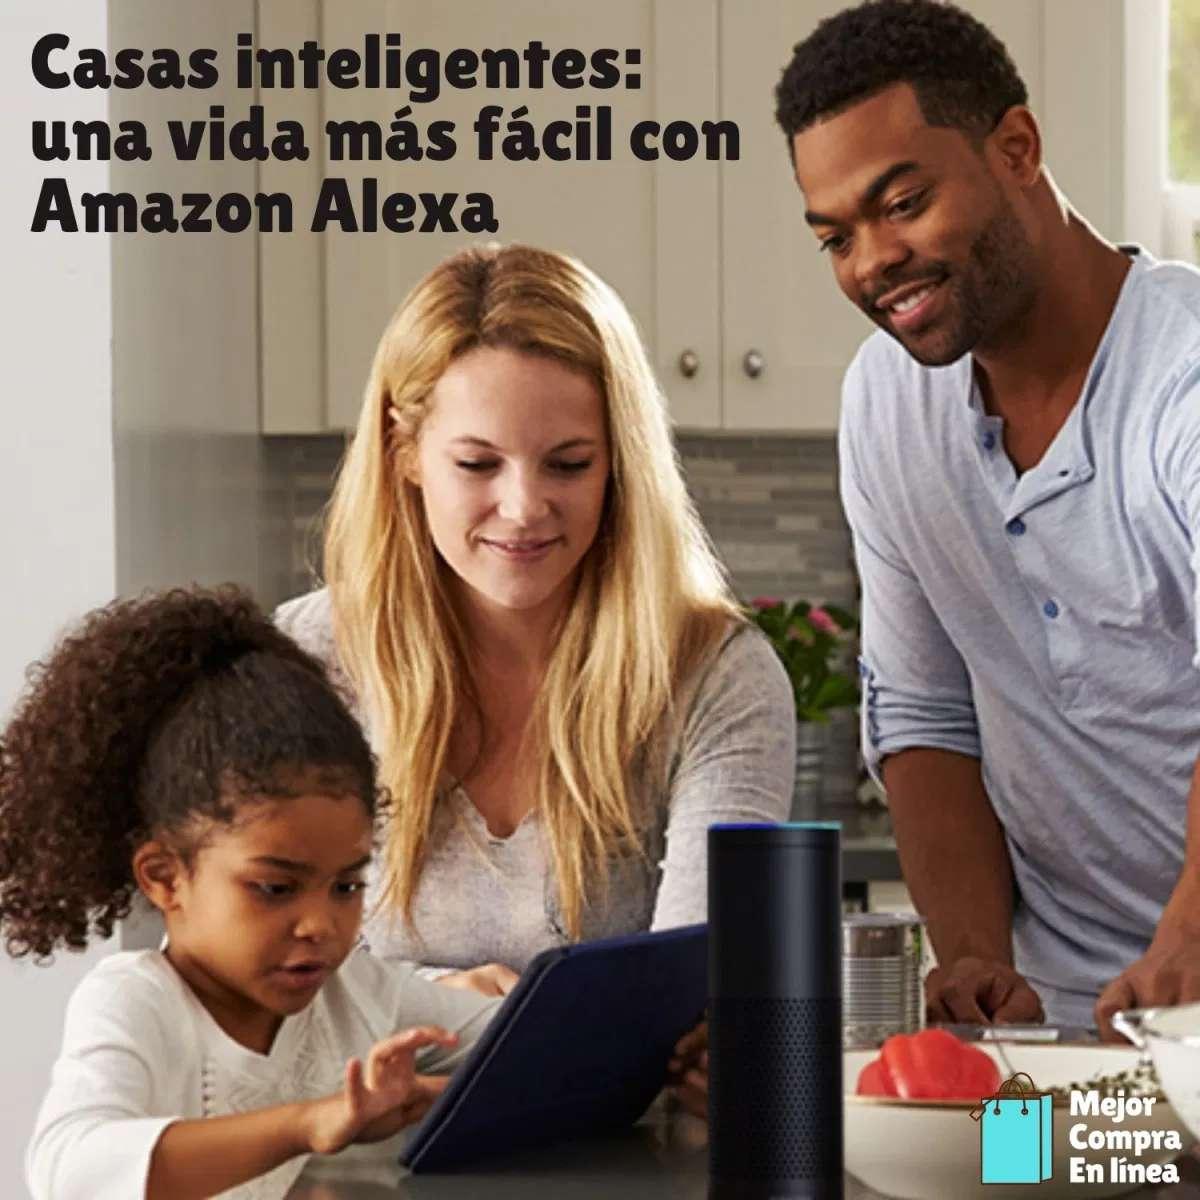 Casas inteligentes: una vida más fácil con Amazon Alexa